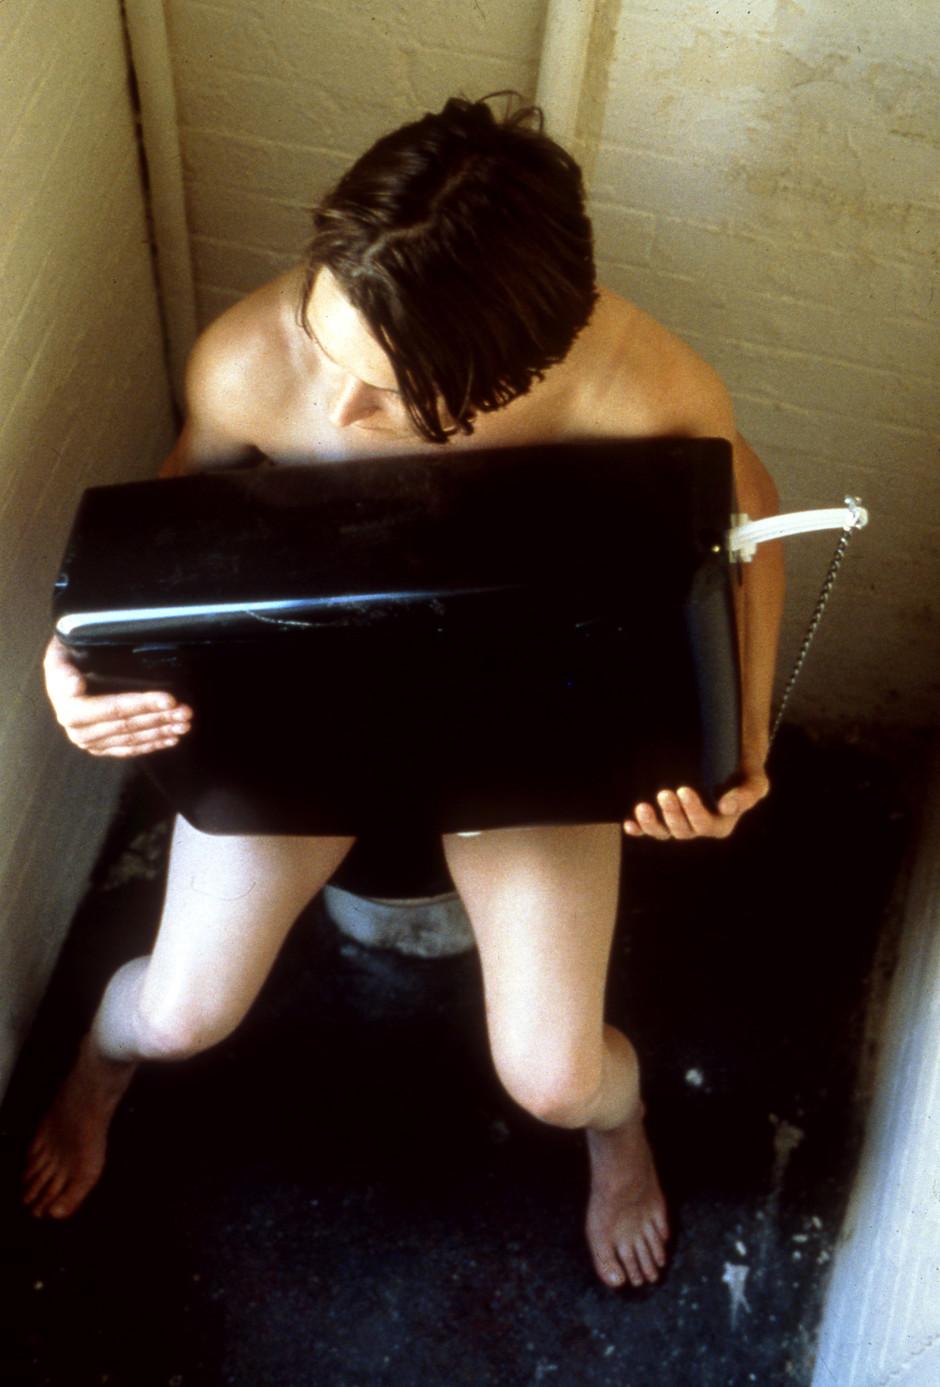 The Human Toilet, 1997  c - type print  243.84 x 188.6 cm 96 x 74 1/4 in.